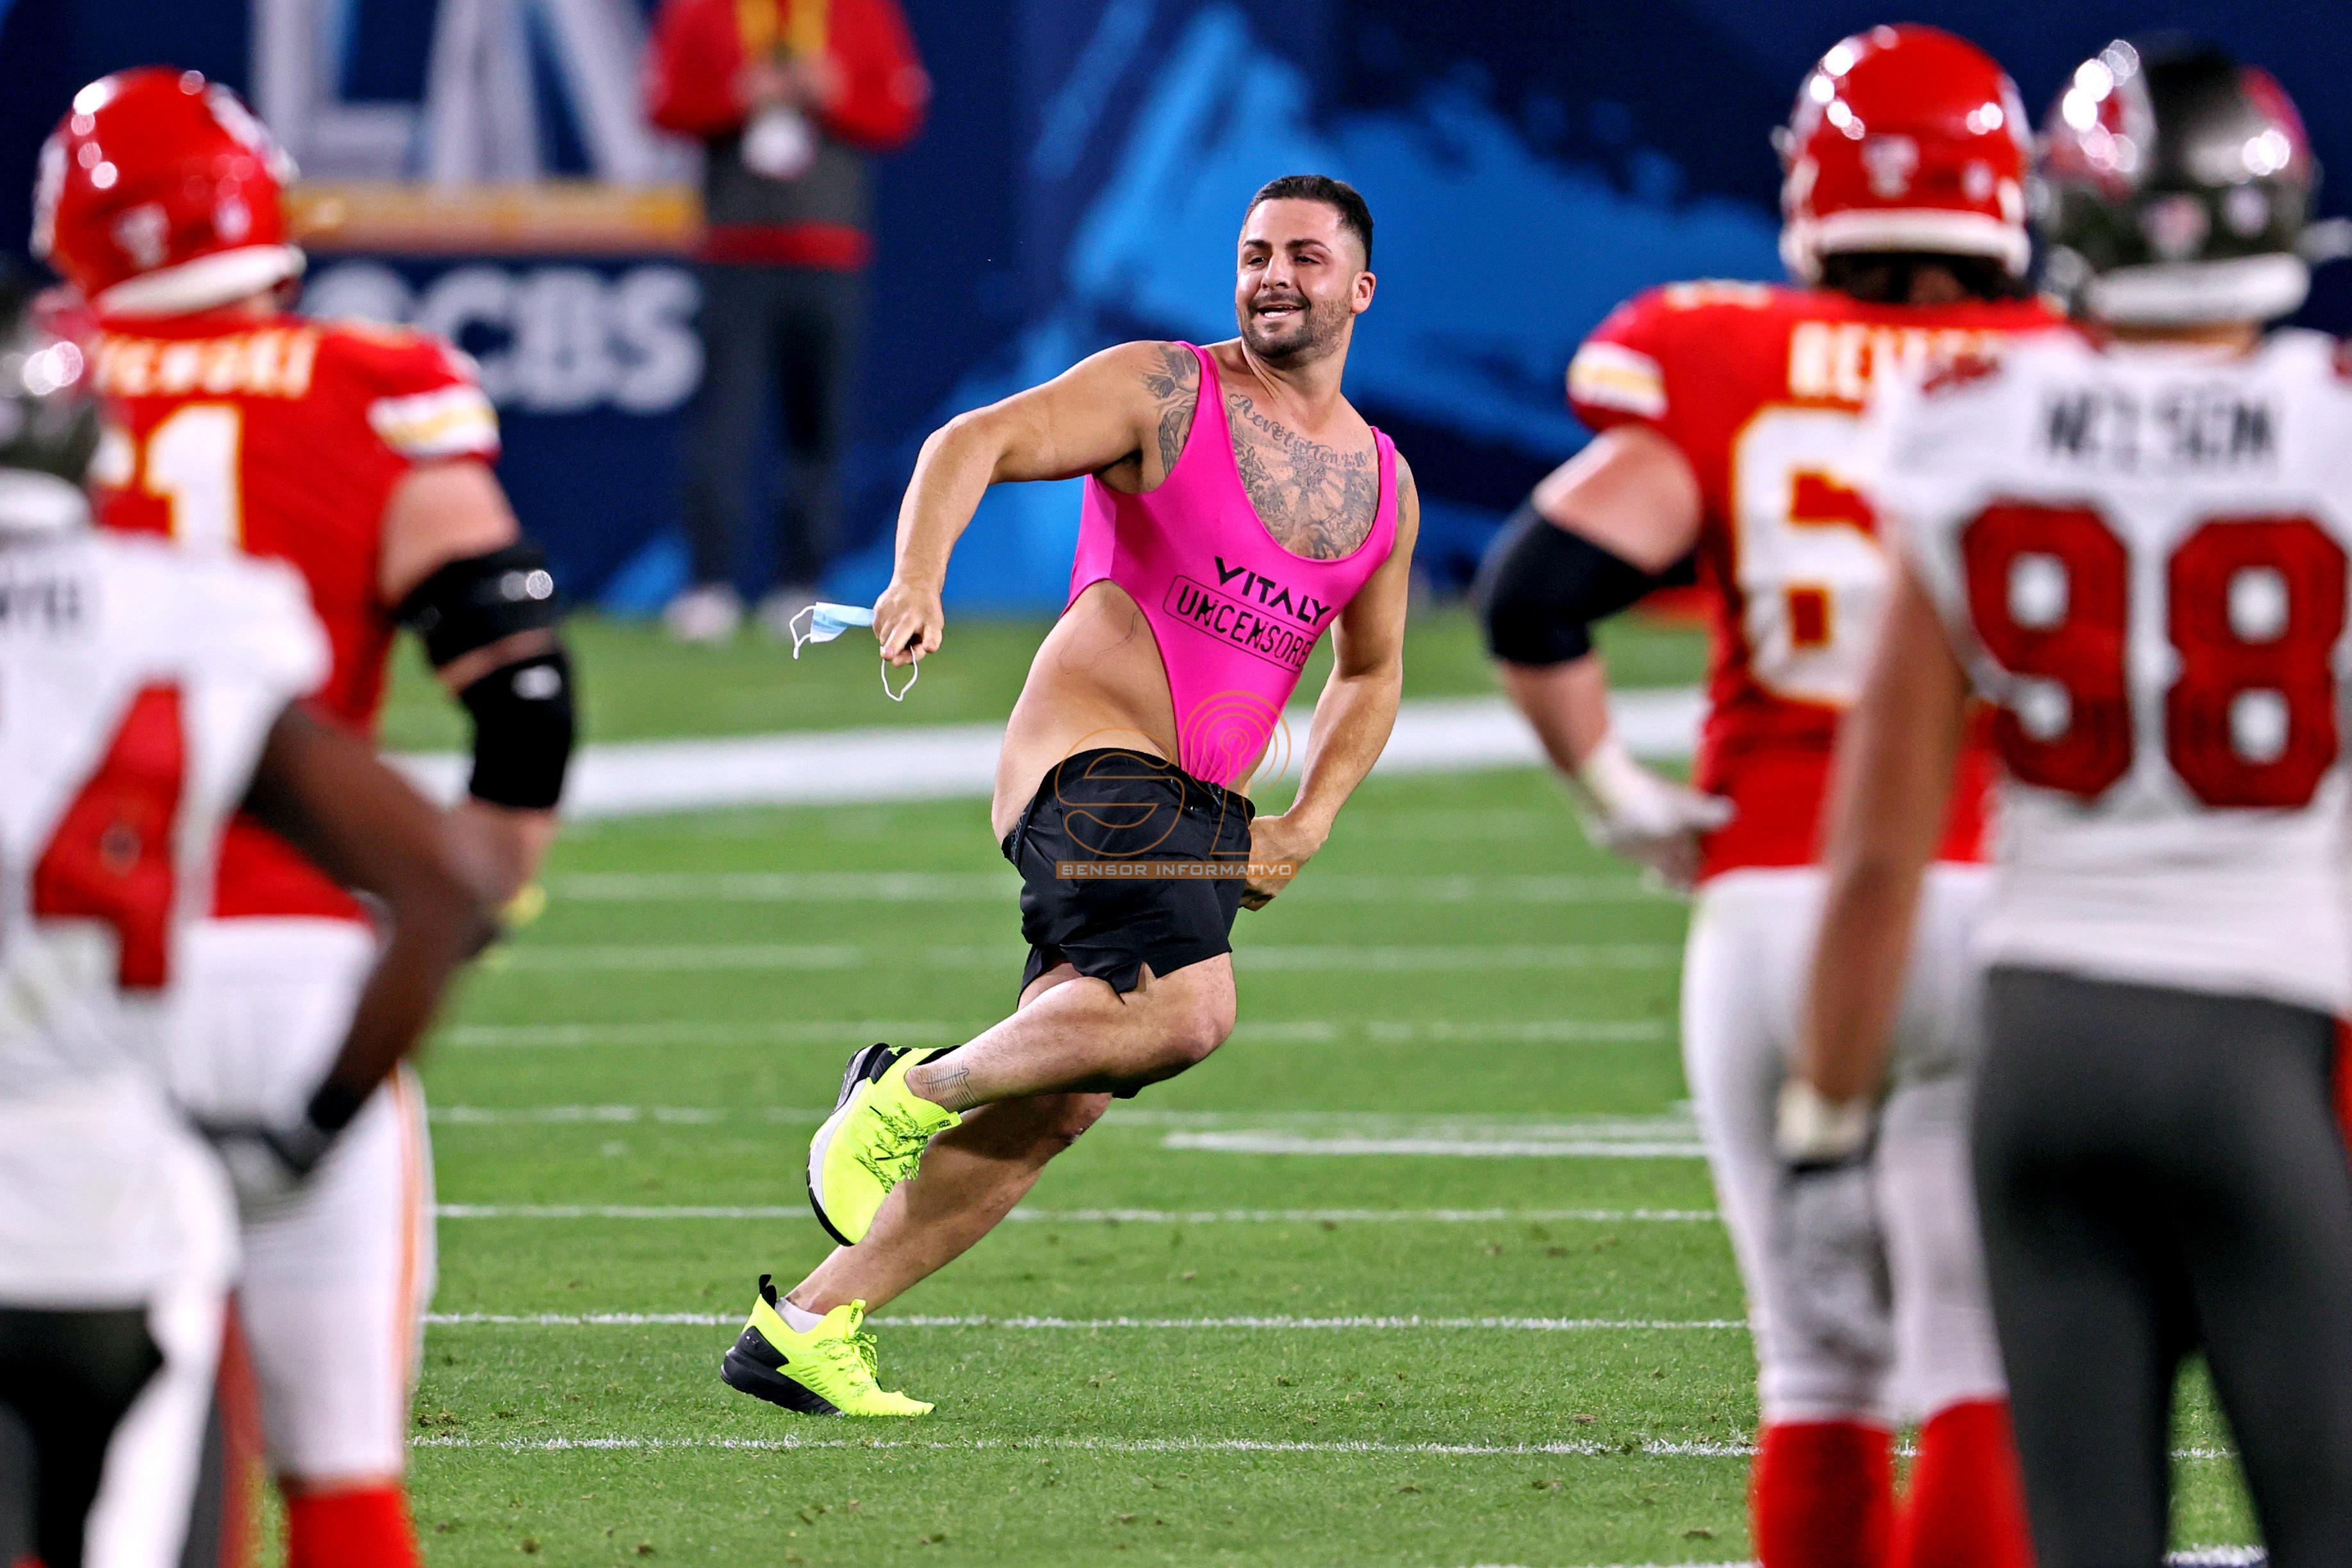 Este es Yuri Andrade, el listillo que ha ganado 300.000 por tirarse de espontáneo en la Super Bowl